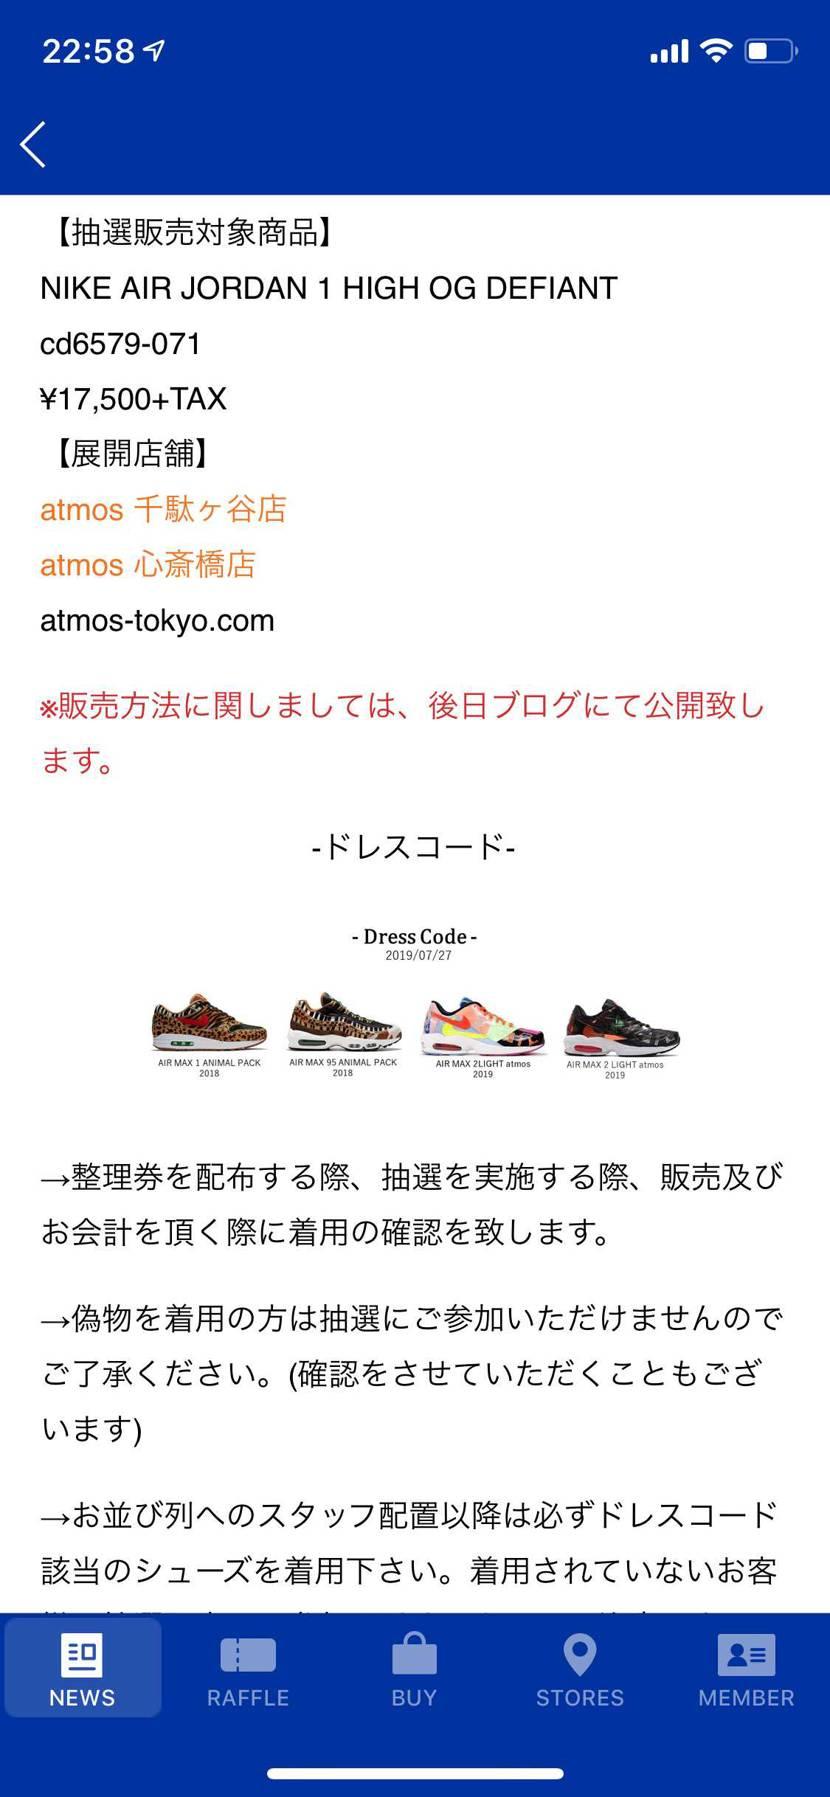 アトモスどれこきたー!てか店舗少なっ! Tokyo 23はどうなんだろ